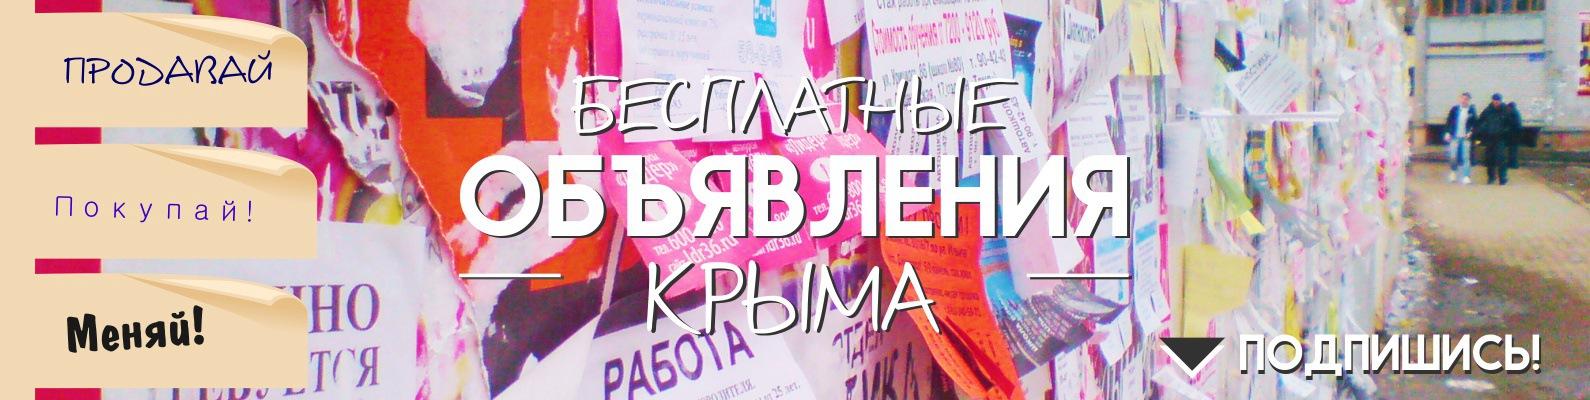 Бесплатные Объявления Крыма   ВКонтакте 6f95719a39c